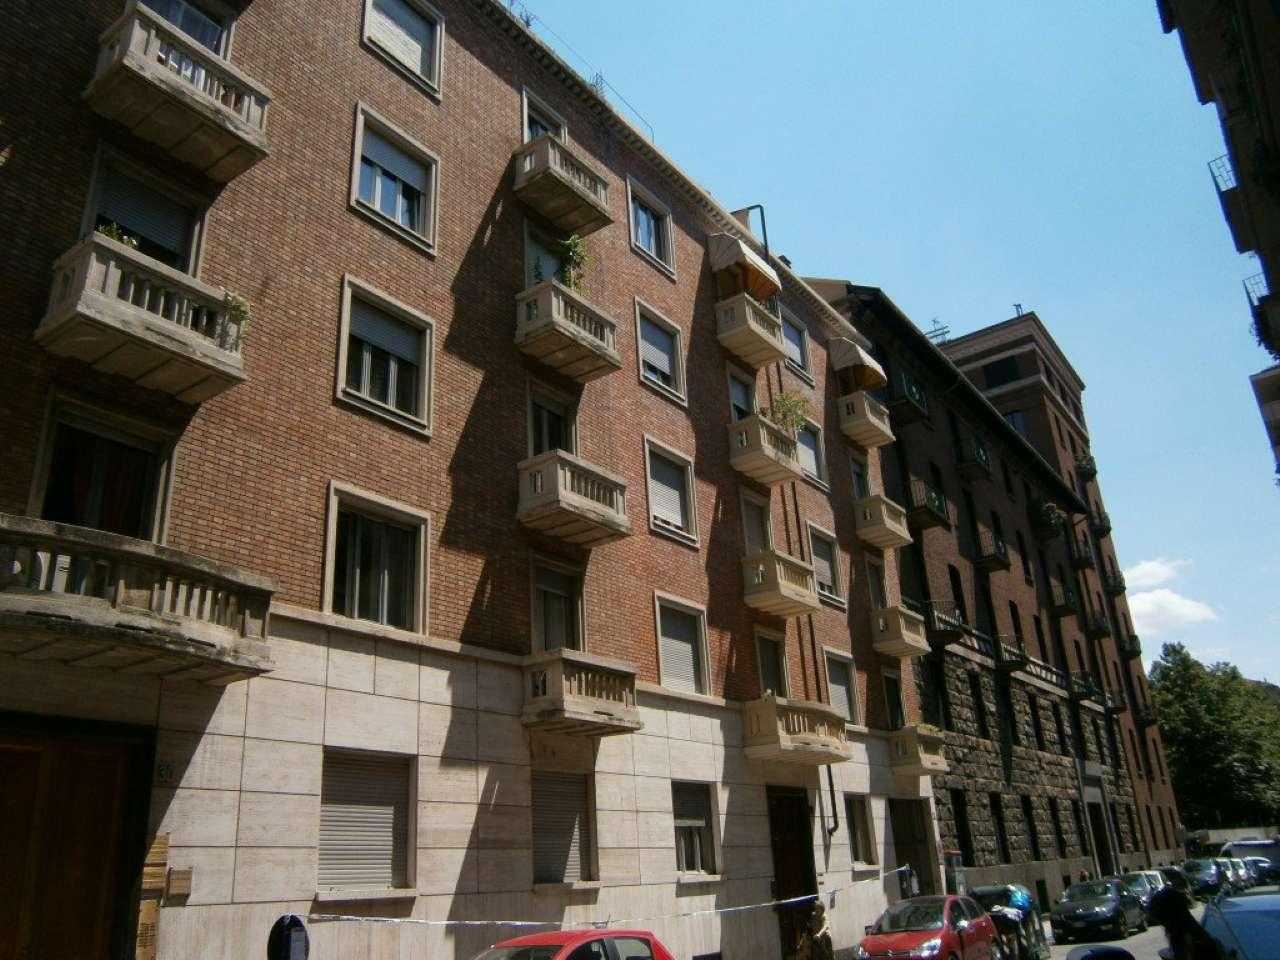 Foto 1 di Attico via Susa 30, Torino (zona Cit Turin, San Donato, Campidoglio)